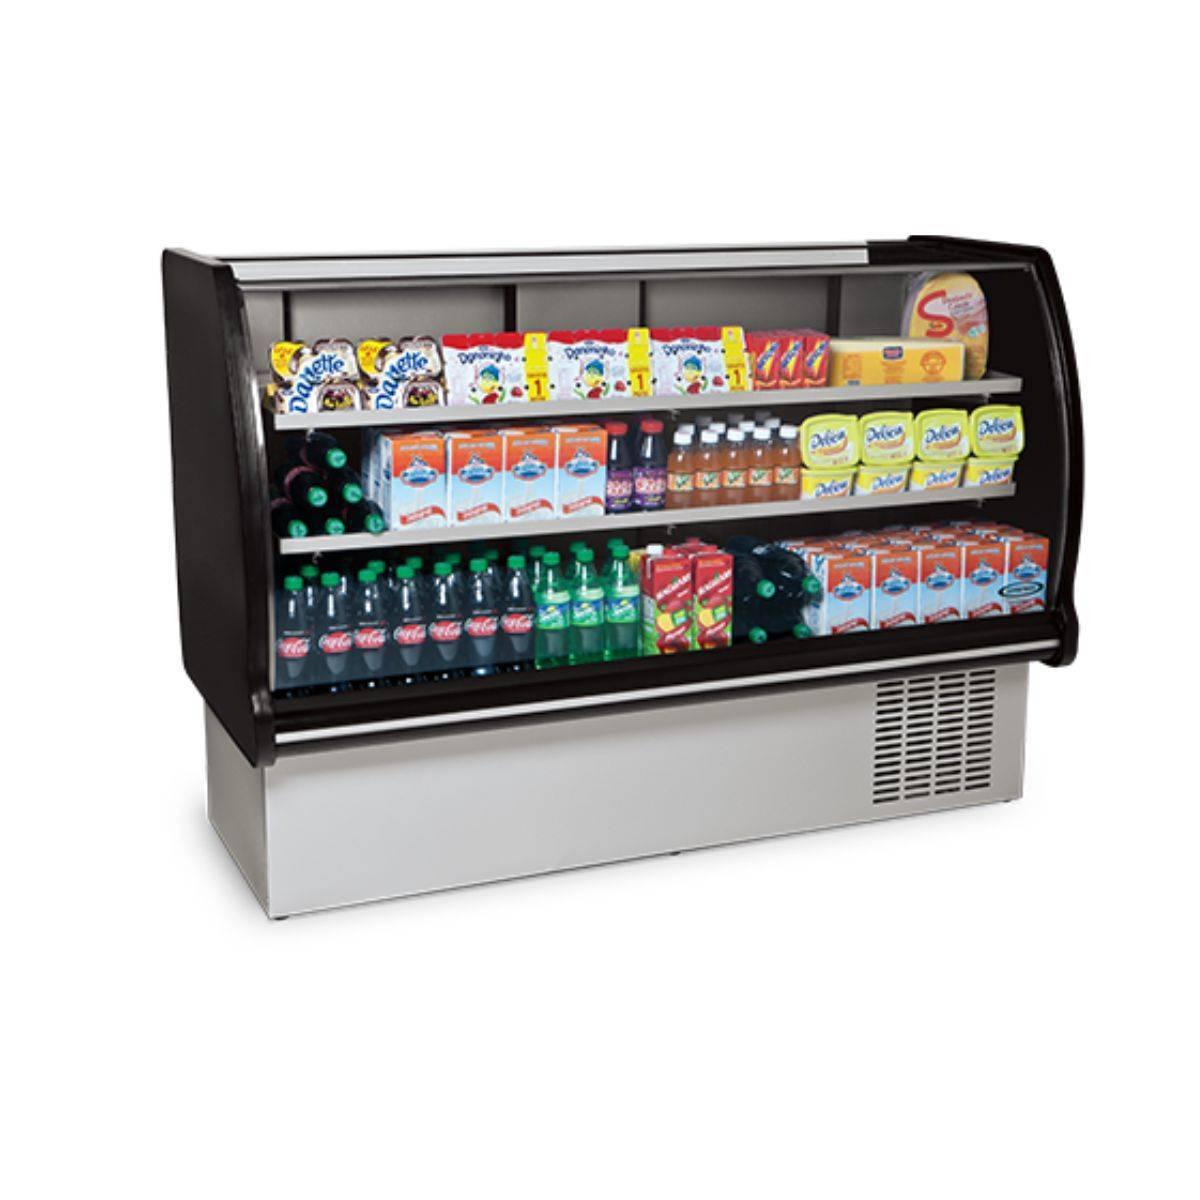 Balcão Refrigerado Confrio 1,65m BRP-165 Conservex - Magazine do Chef